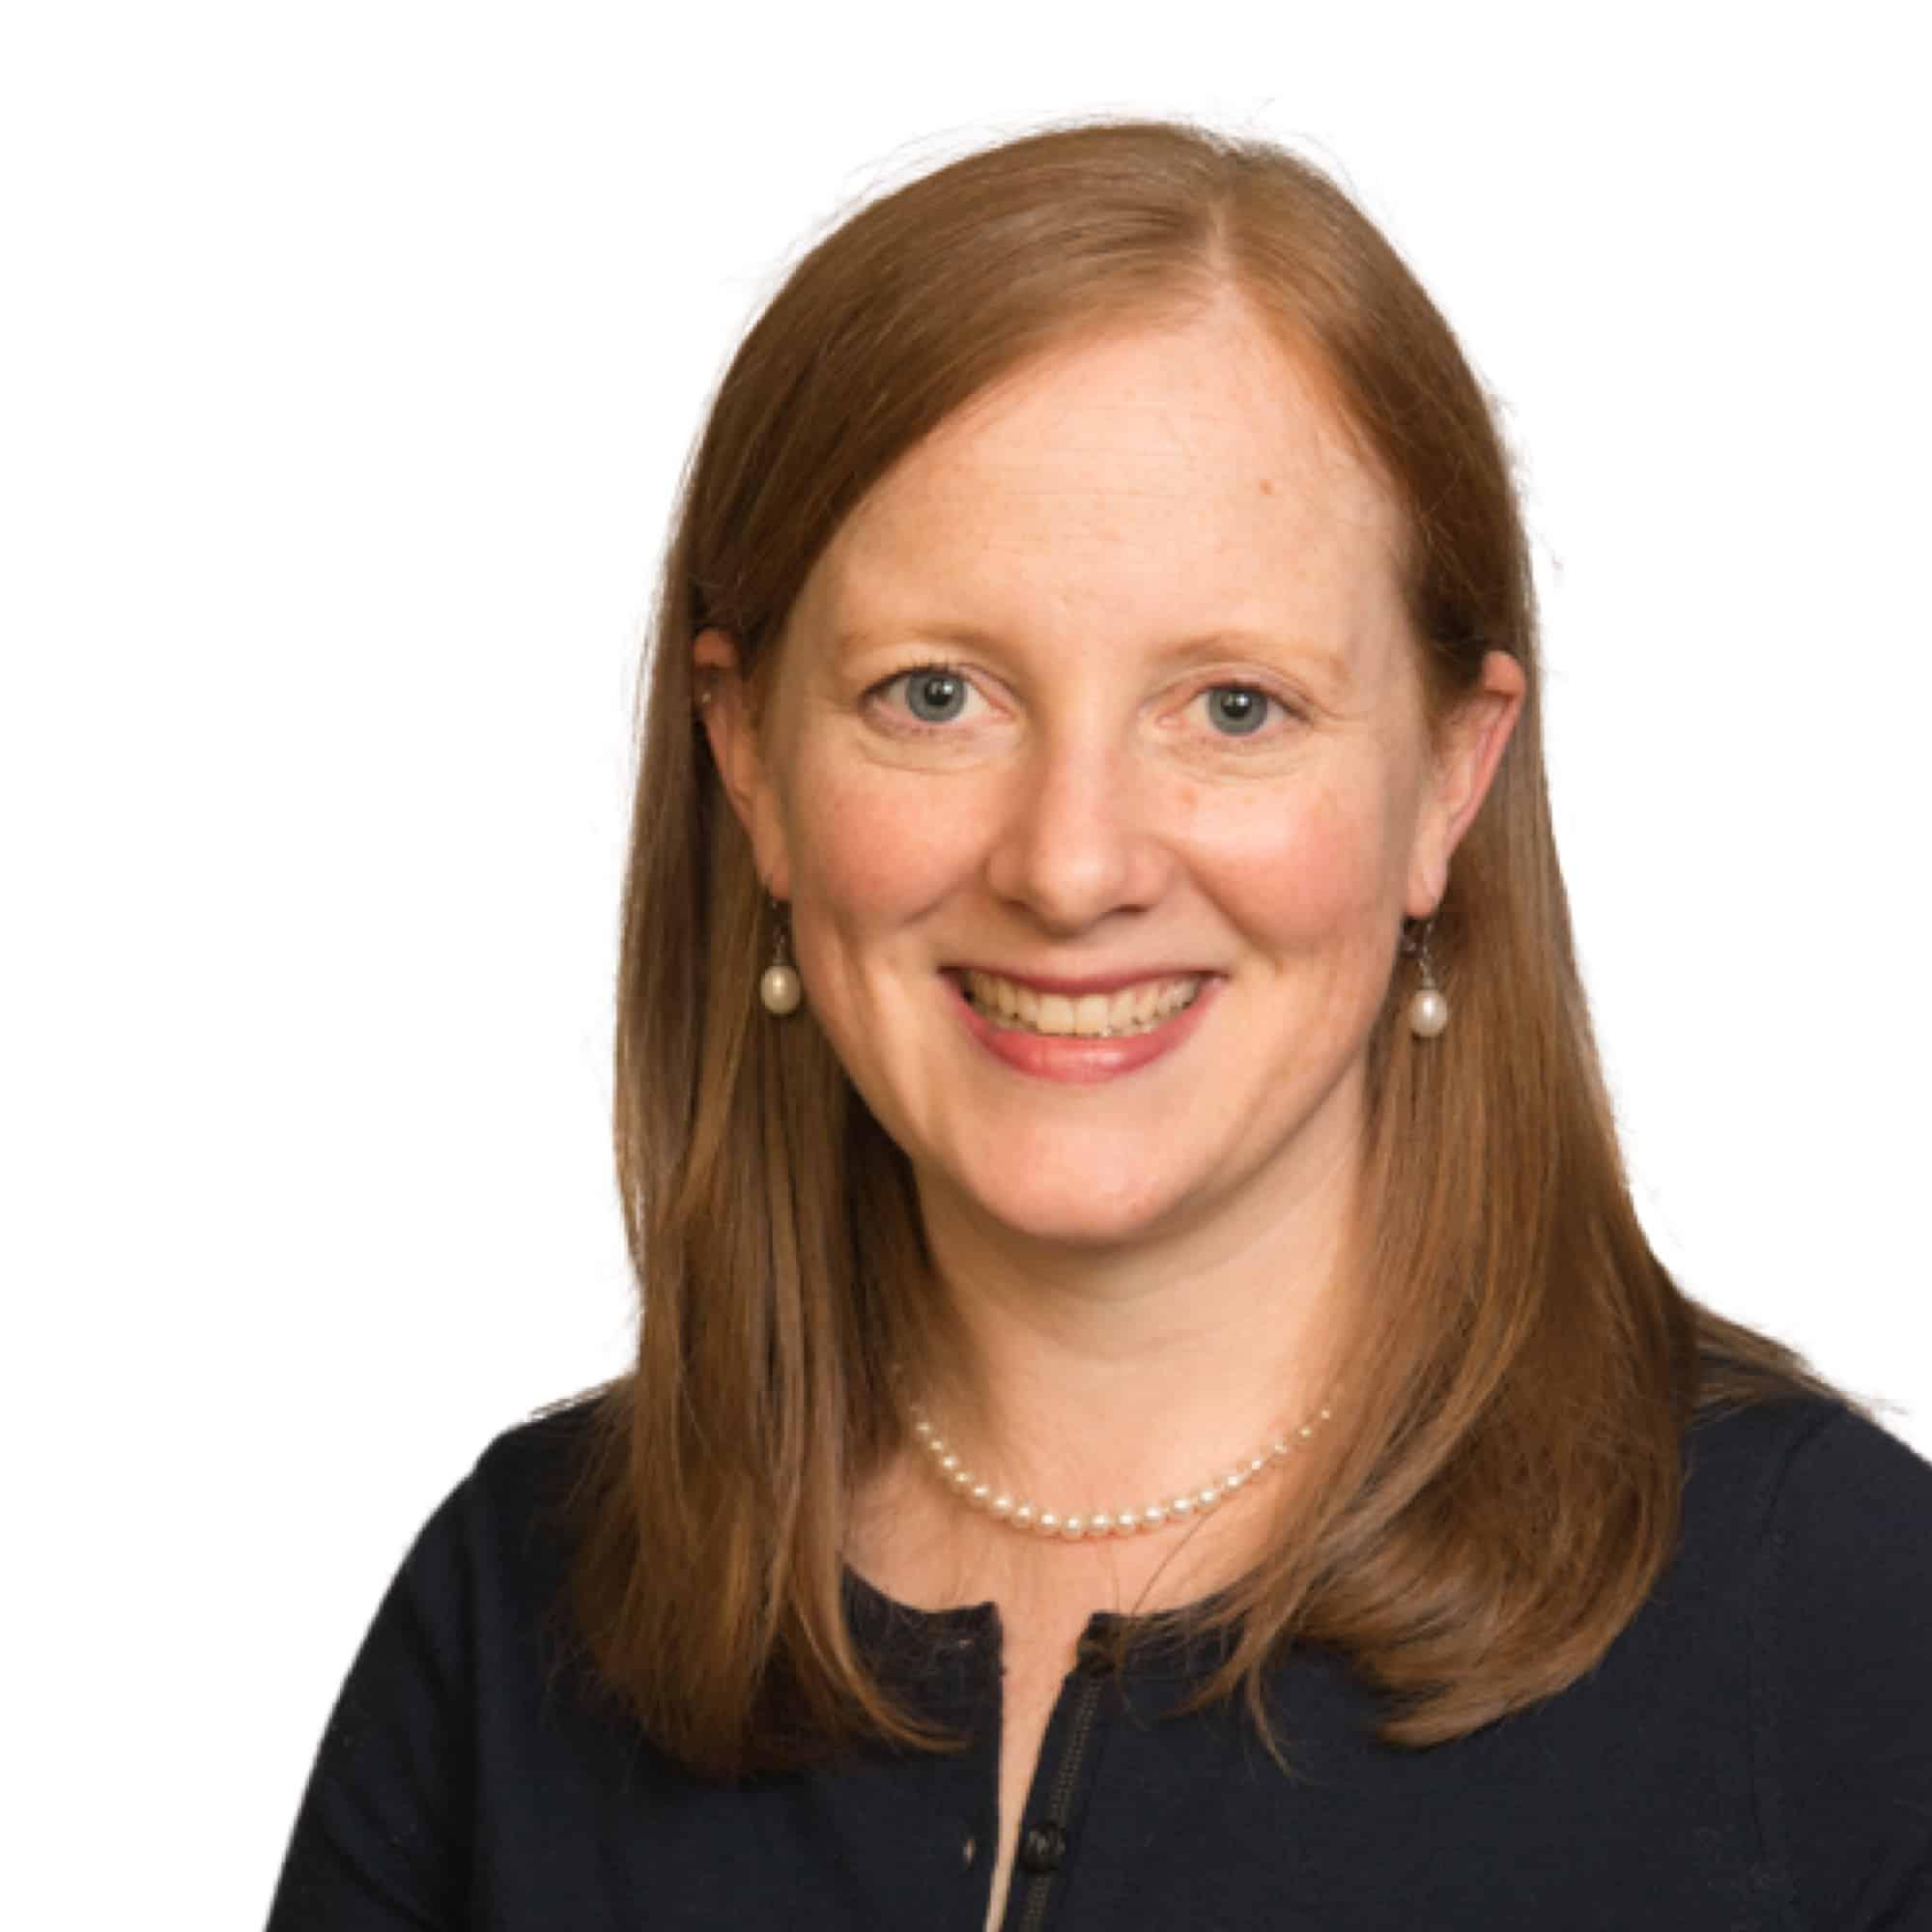 Kimberly Pray - Board President